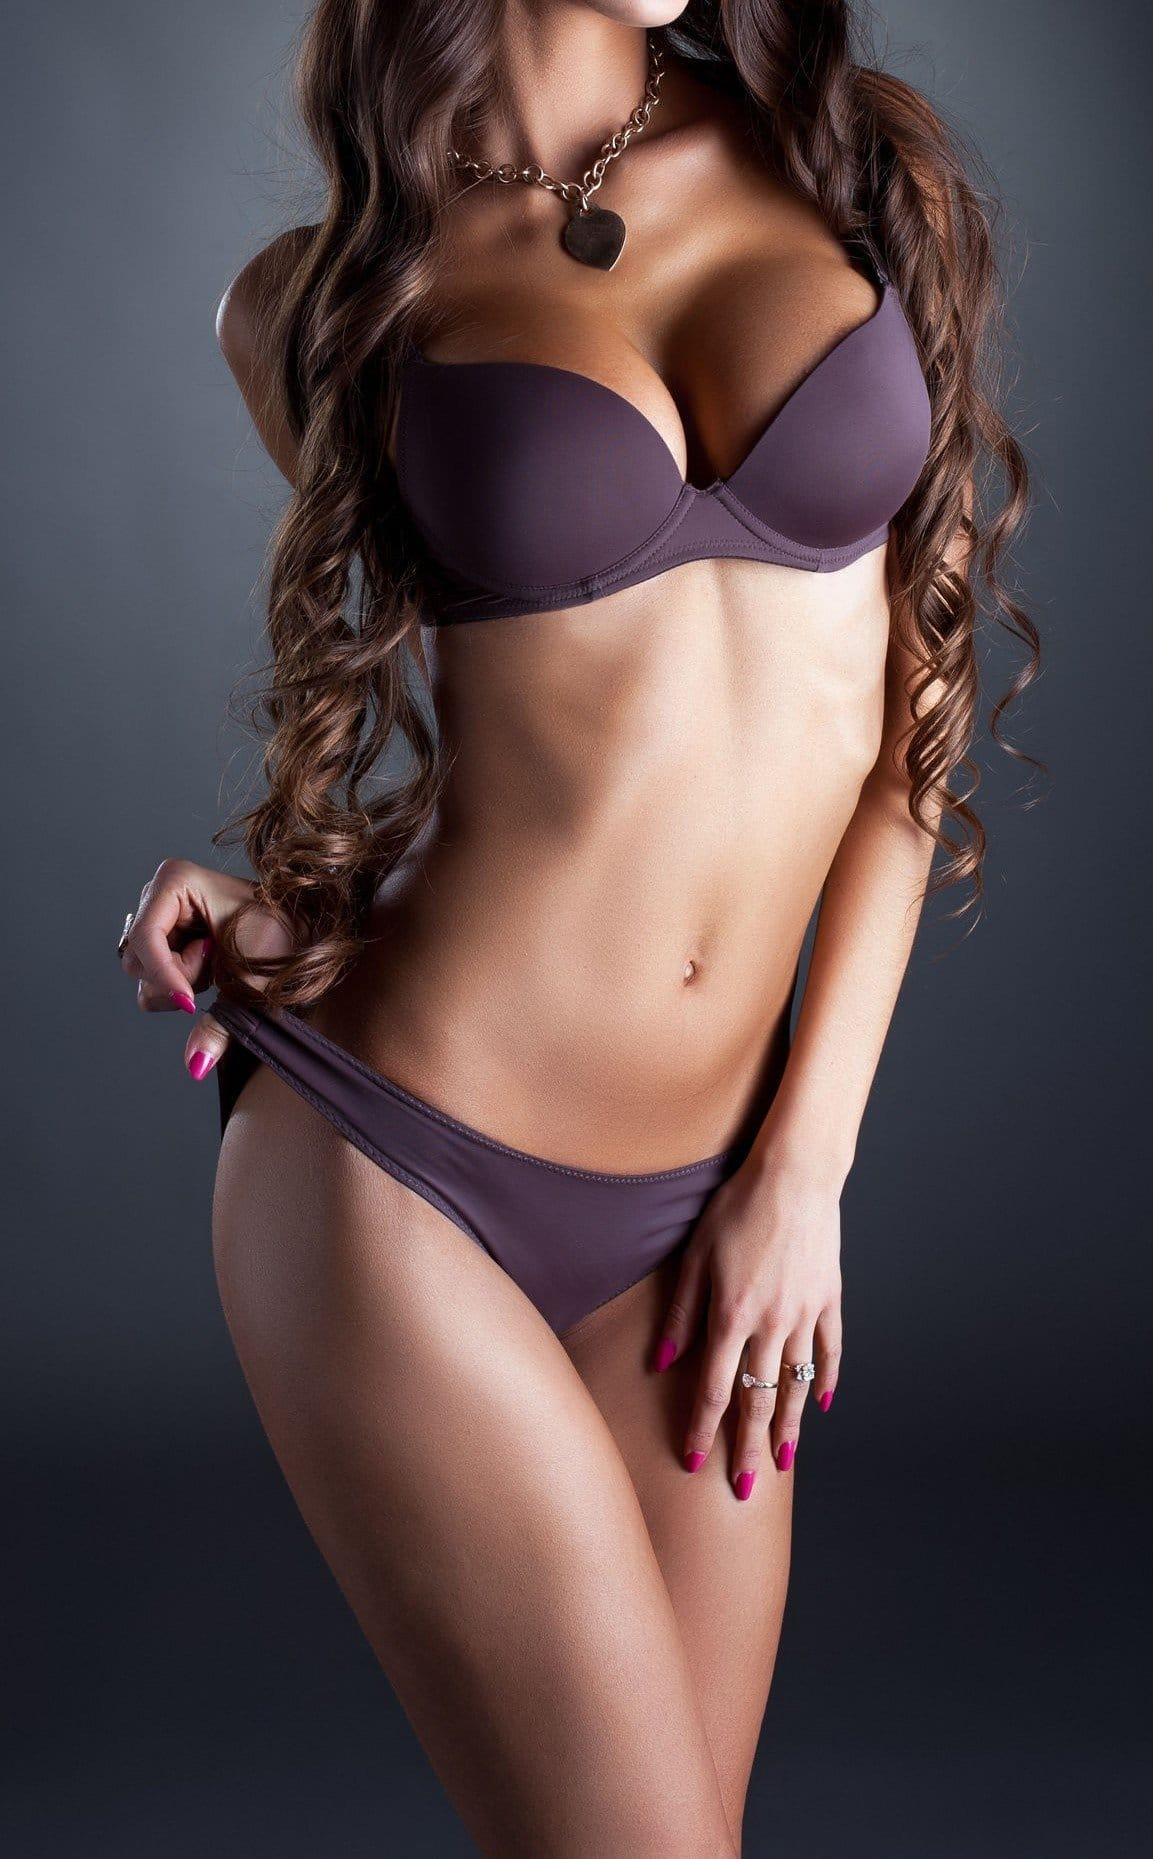 Tall beautiful woman body brown hair bikini gray background